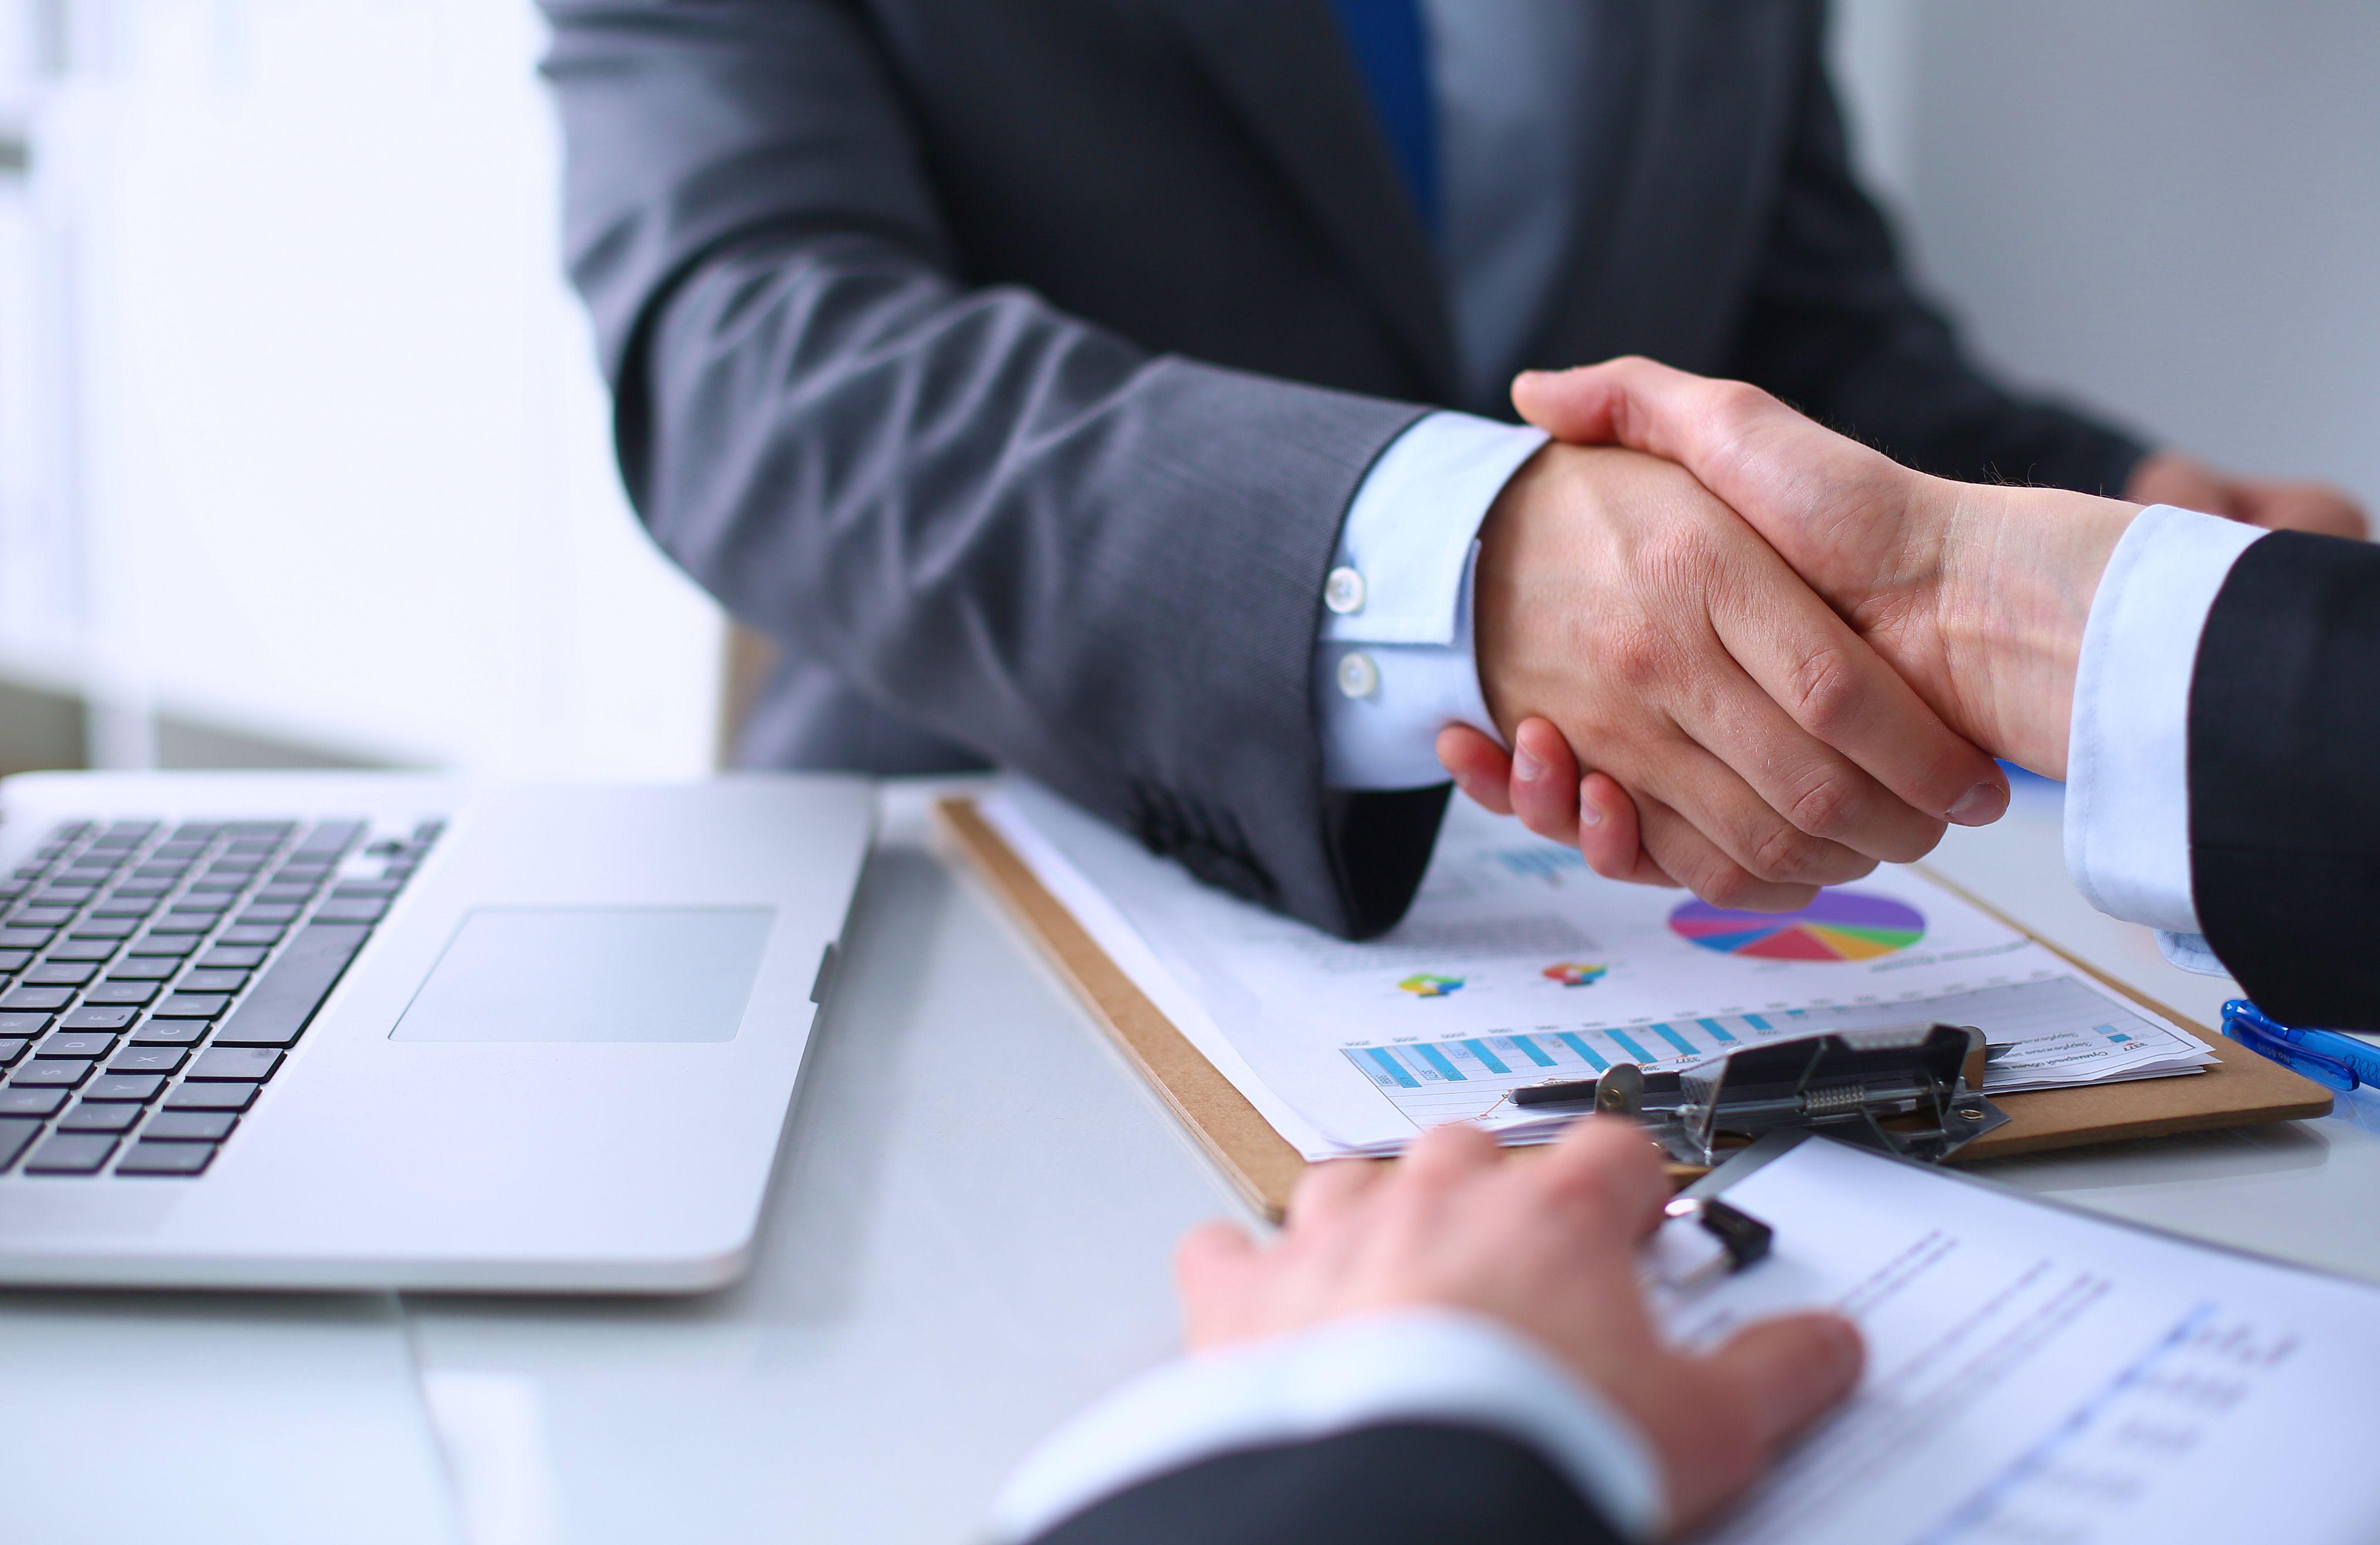 Come Visit Us Today Bondsmerchantservices Com Business Loans